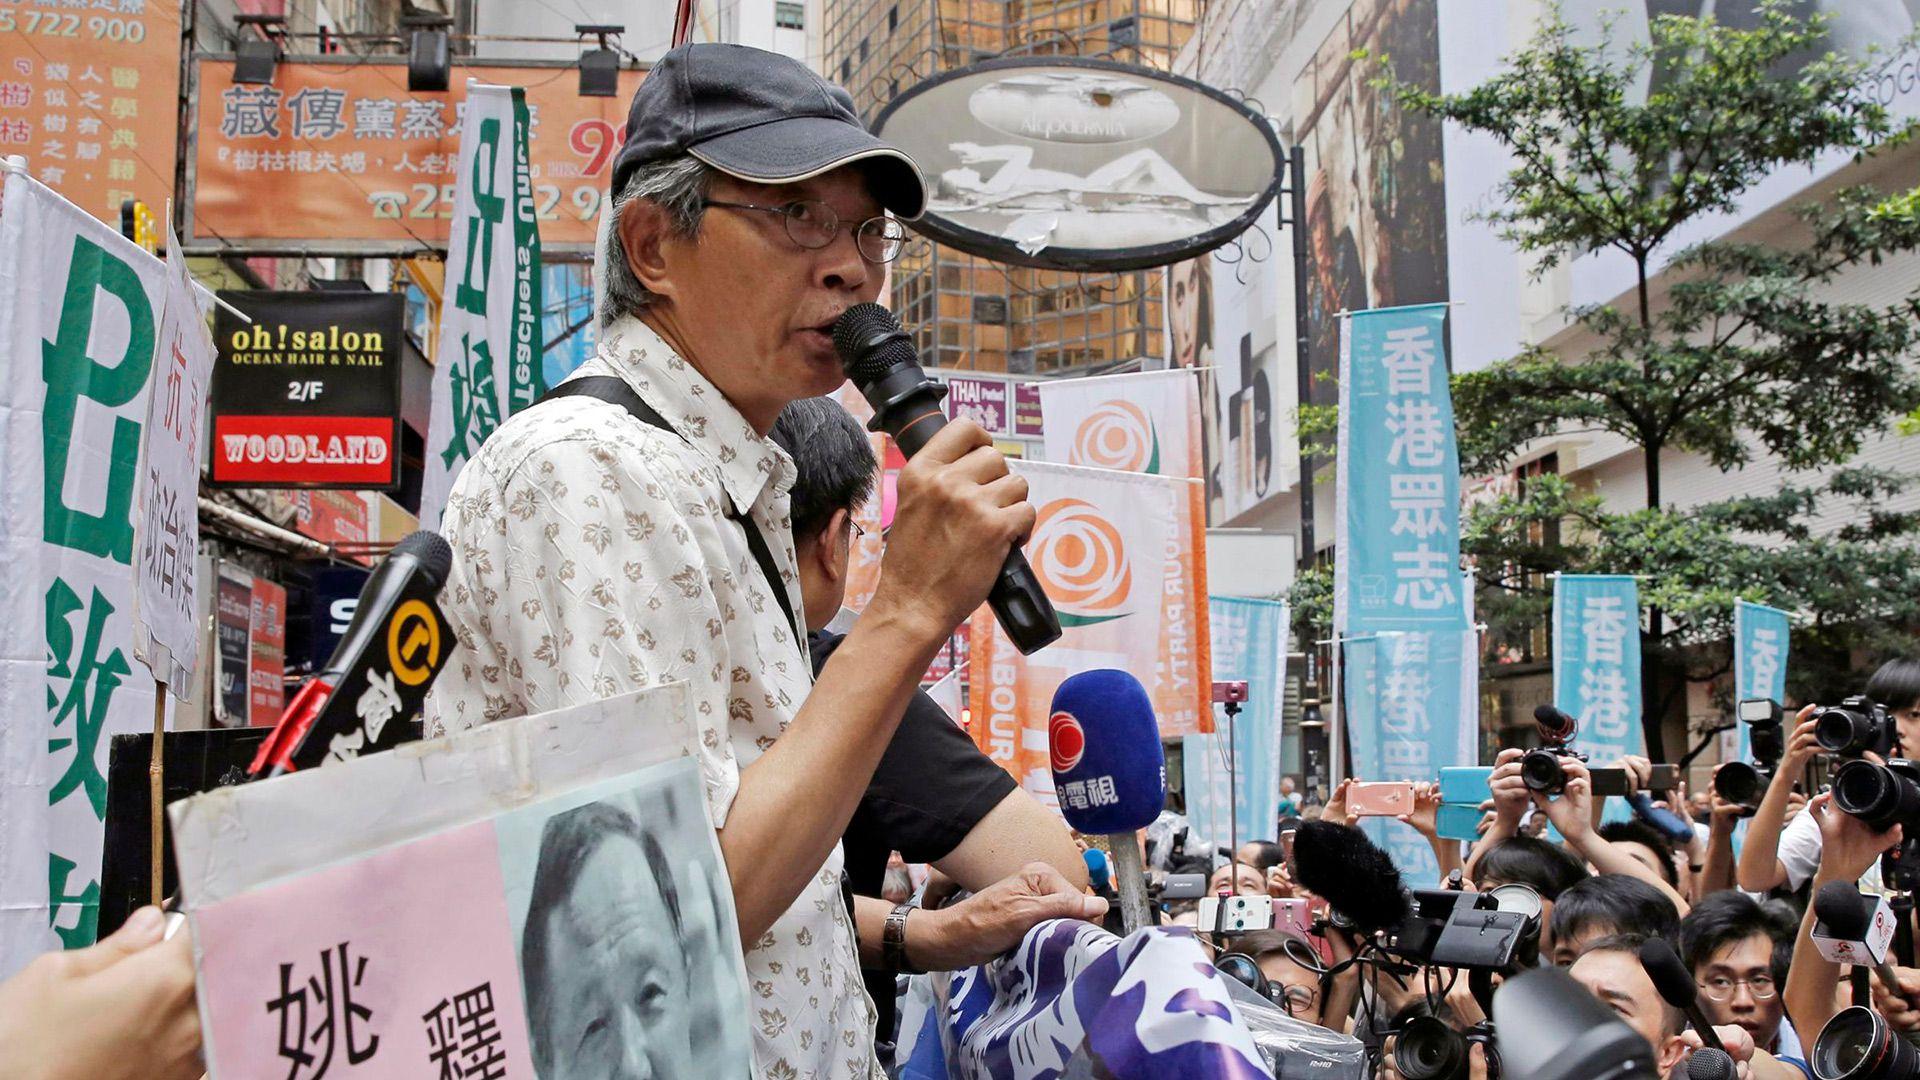 Zhang Zhiping fue uno de los cinco editores secuestrados por el gobierno chino a finales de 2015, pero recuperó la libertad a diferencia de Gui Minhai, por quien ha protestado. (AP /Kin Cheung)